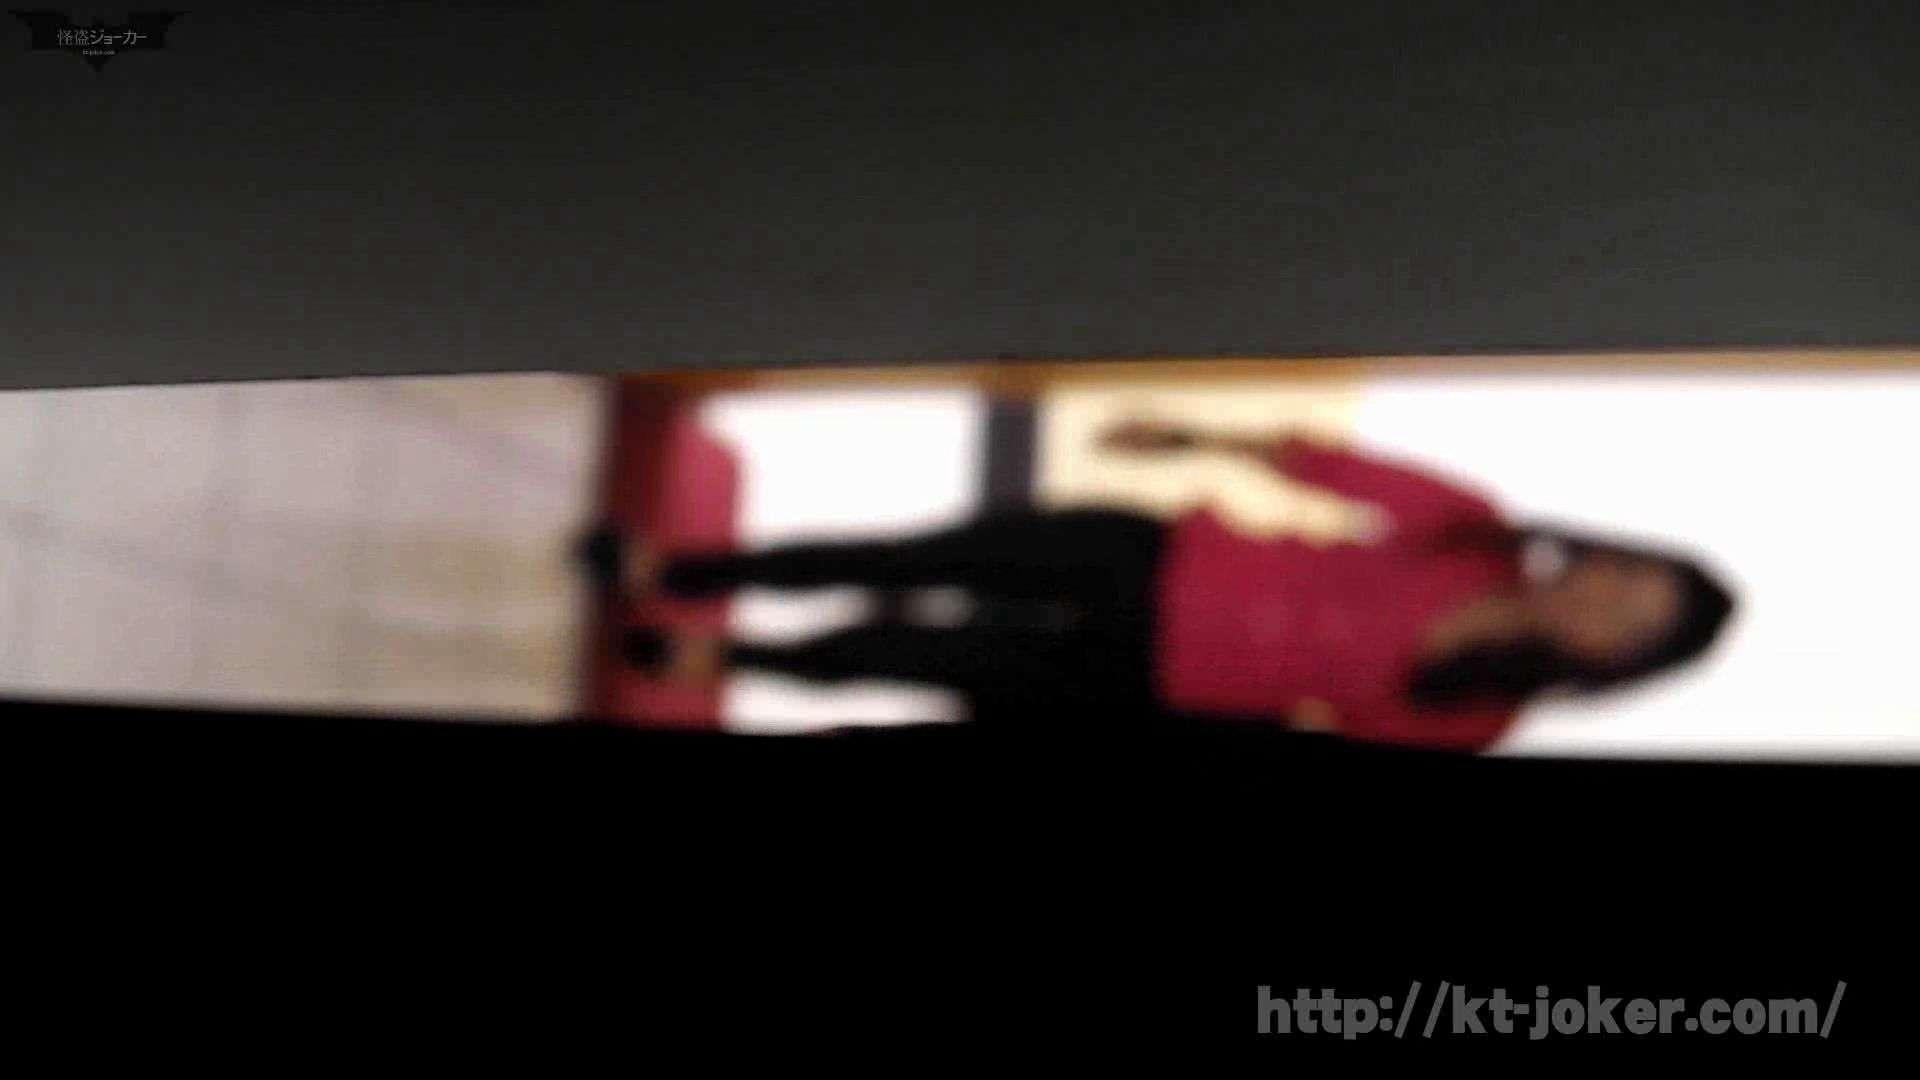 命がけ潜伏洗面所! vol.55 モデル級?「いやモデルだね!」な美女登場! 美女ヌード天国 AV動画キャプチャ 96PIX 93